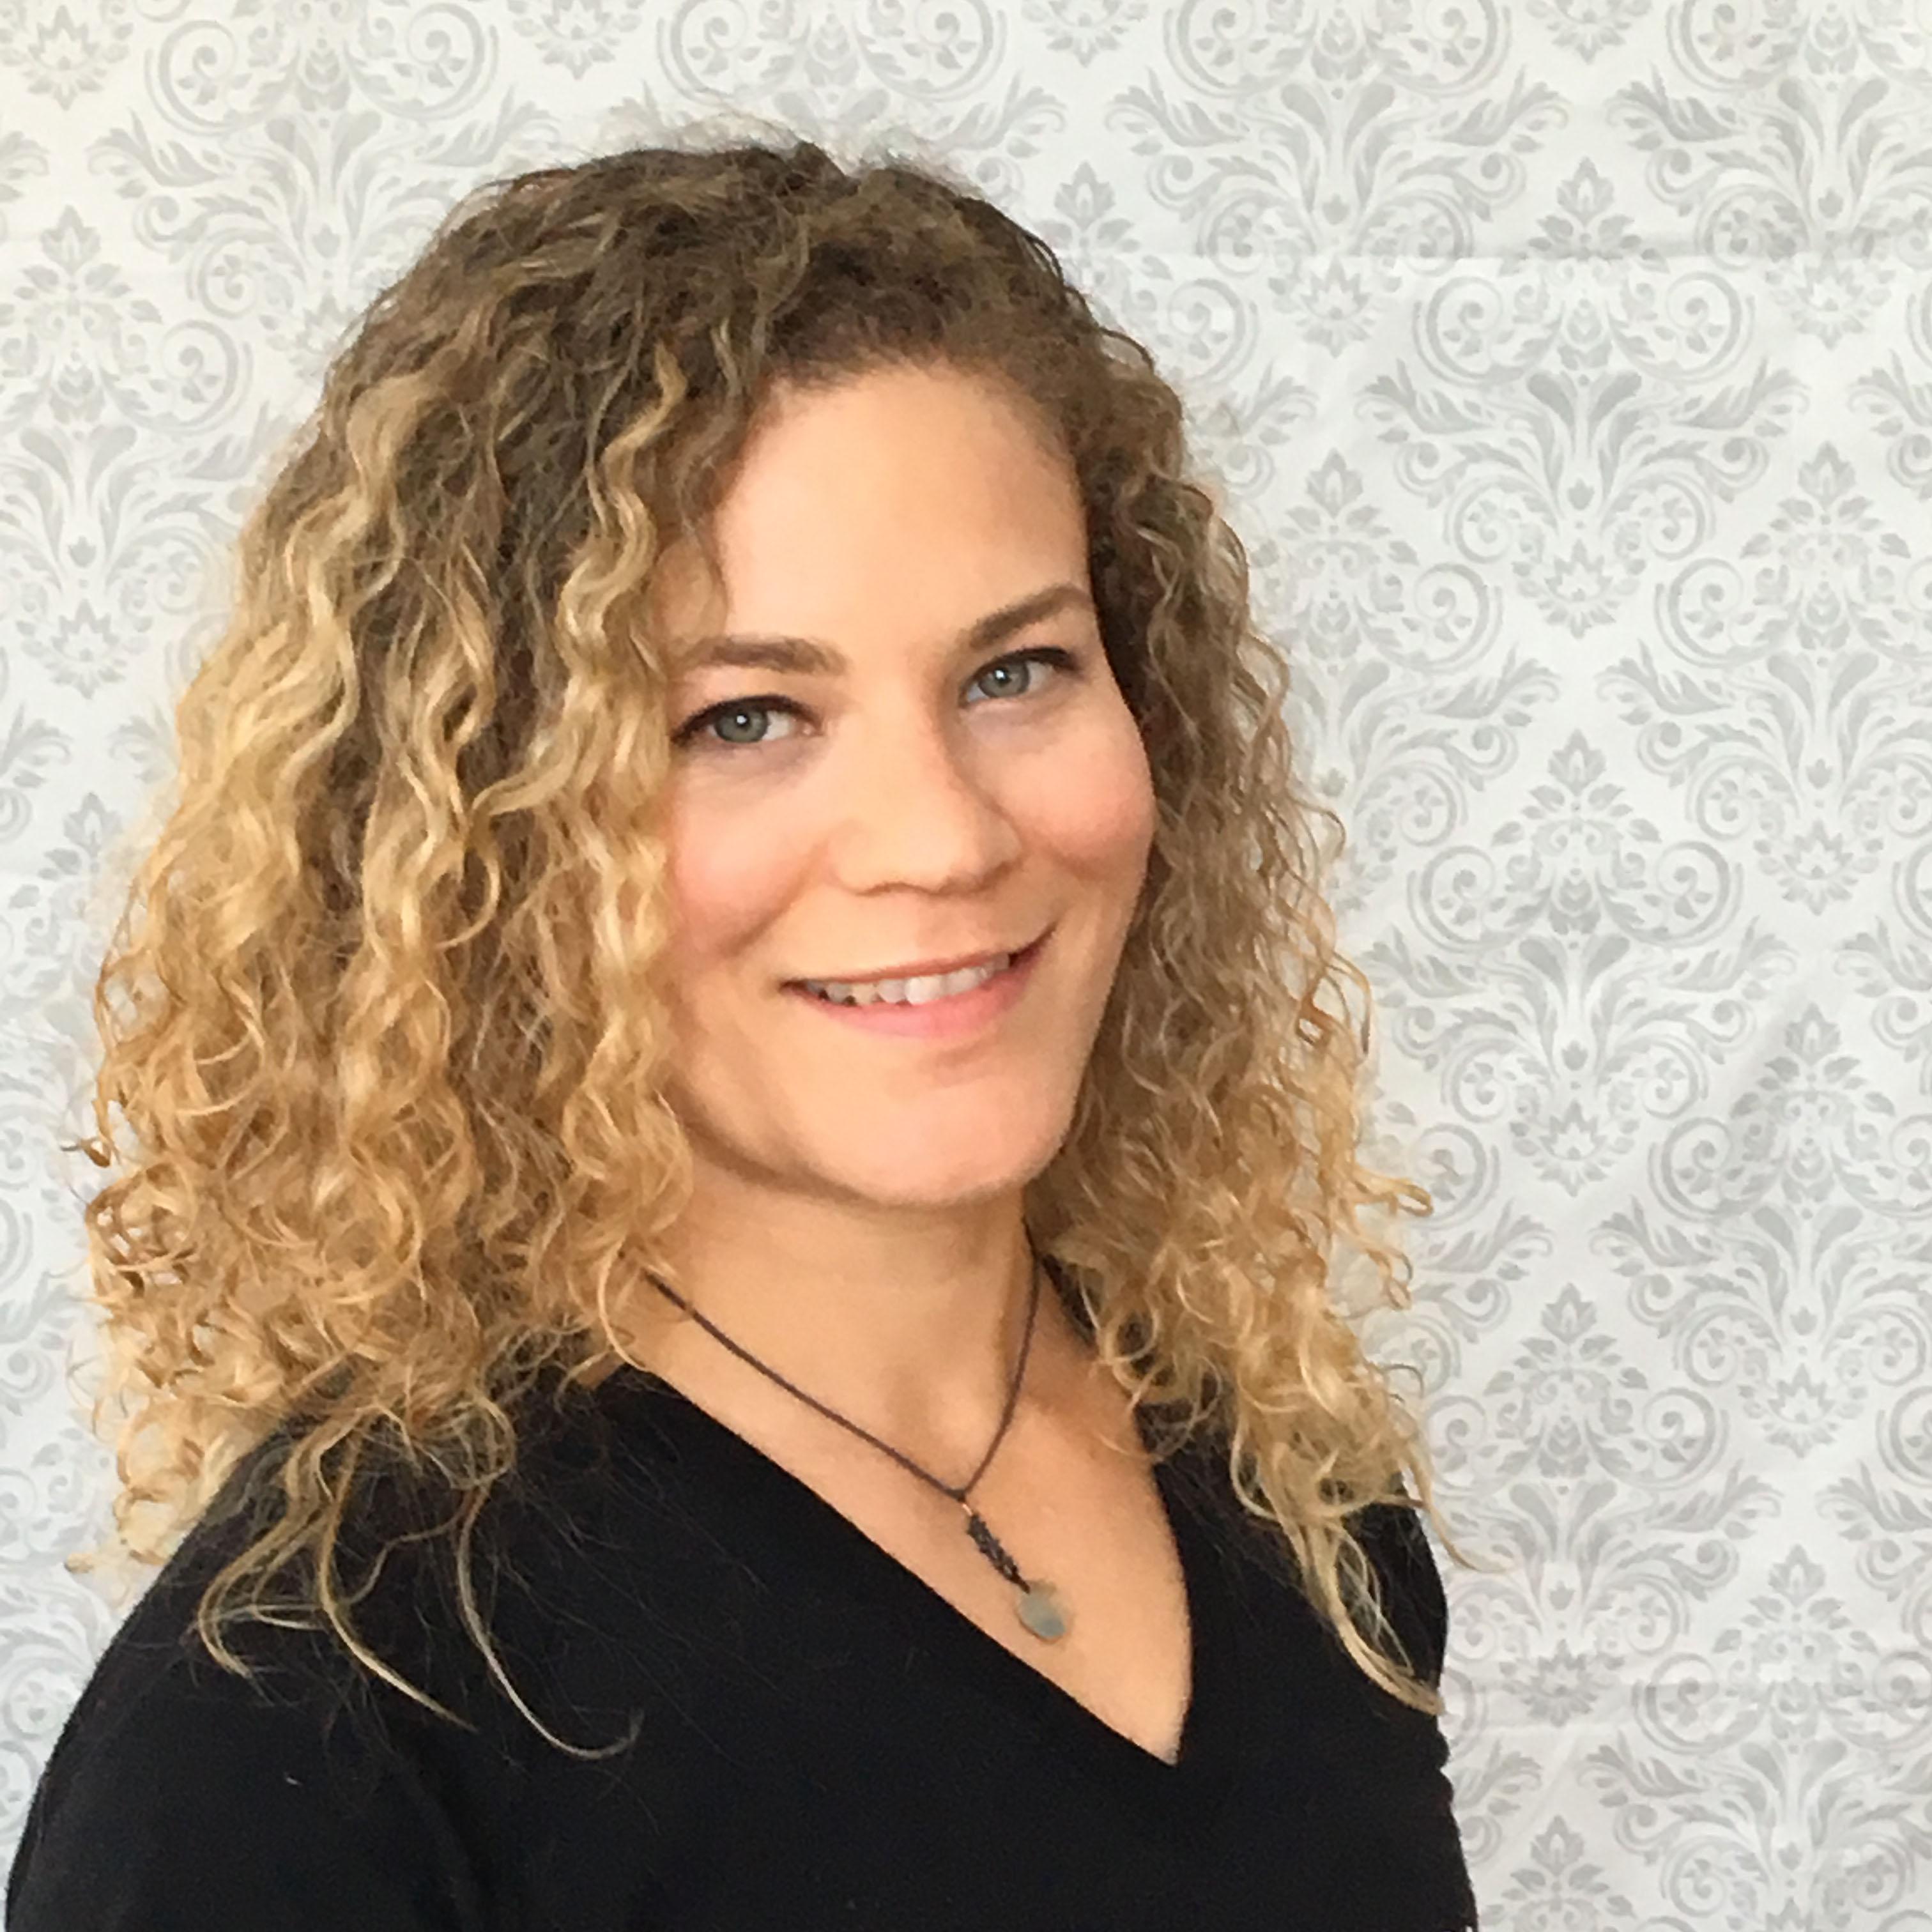 Eileen Cardona